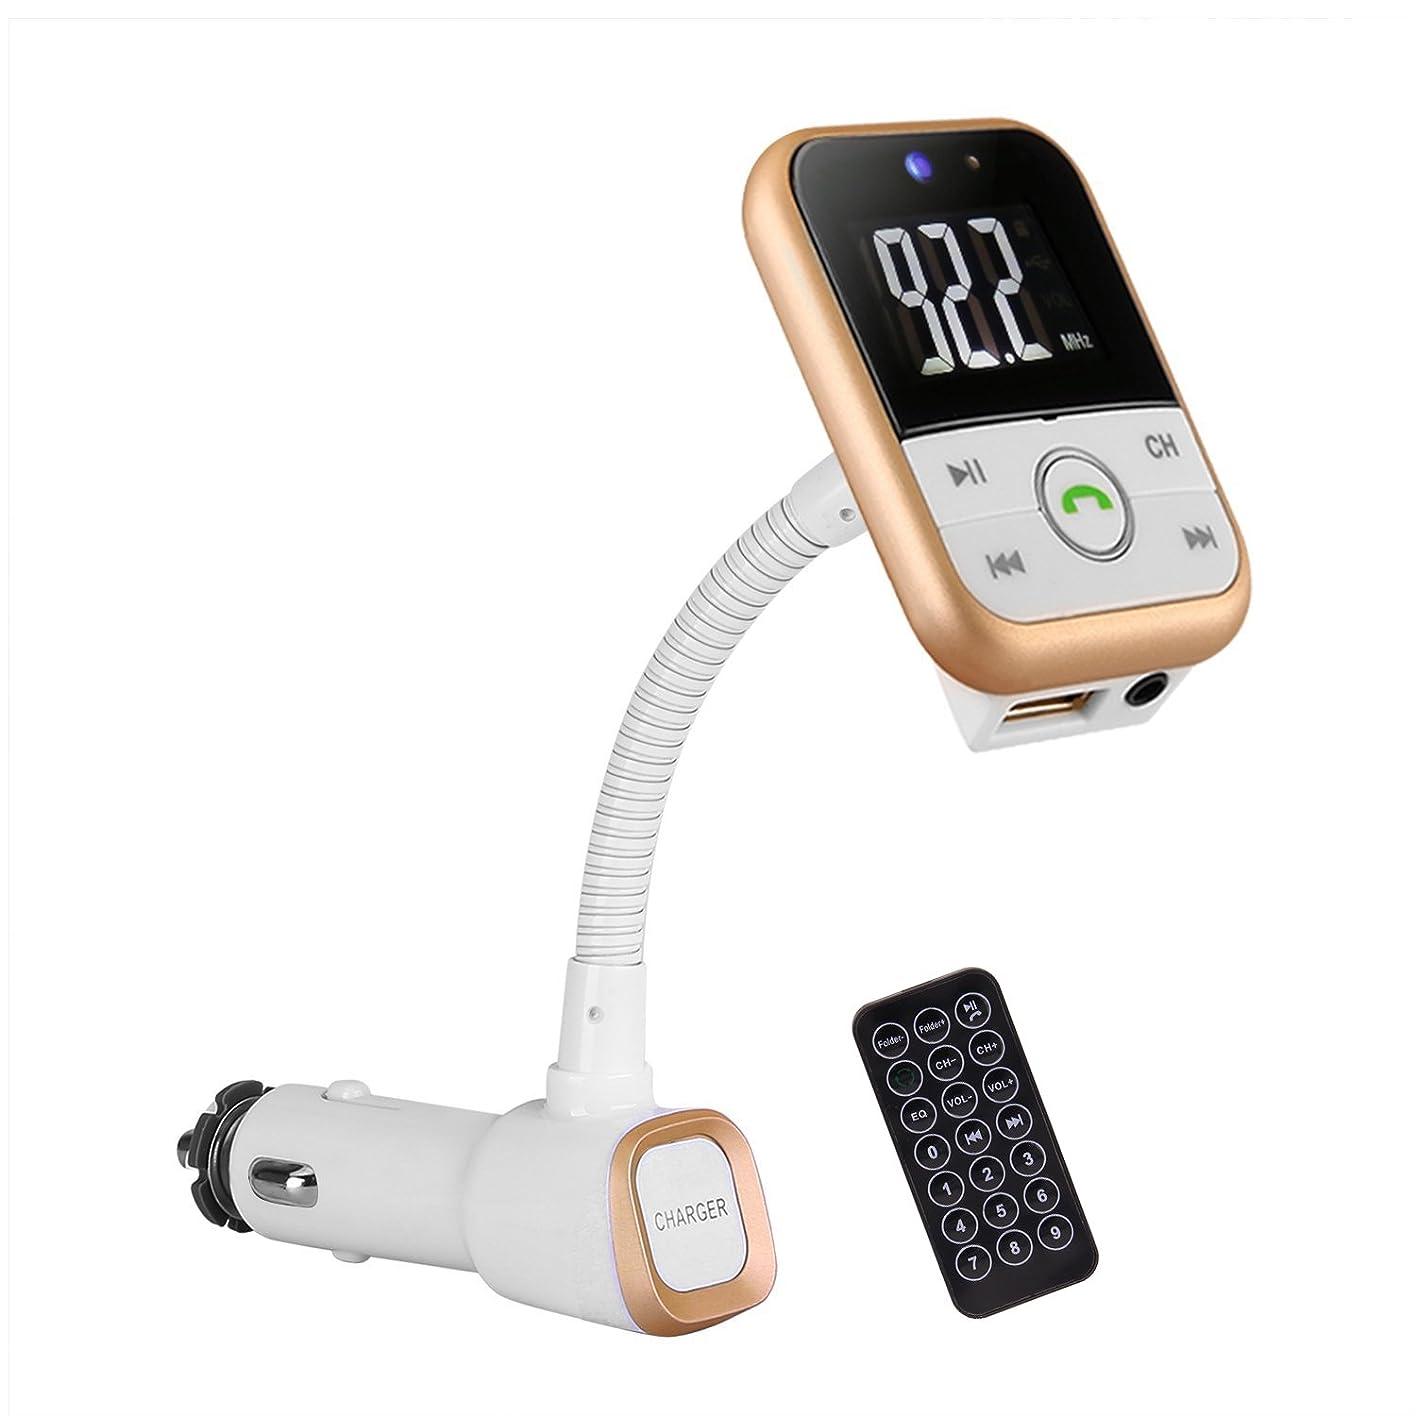 終点採用する口述iPhone7s / 7月7日プラス、アプリ、サムスンギャラクシー(ゴールド)のための呼び出しのBluetooth FMトランスミッターワイヤレス車載ラジオアダプター/車の充電器/ MP3プレーヤー/リモコン/ハンズフリー